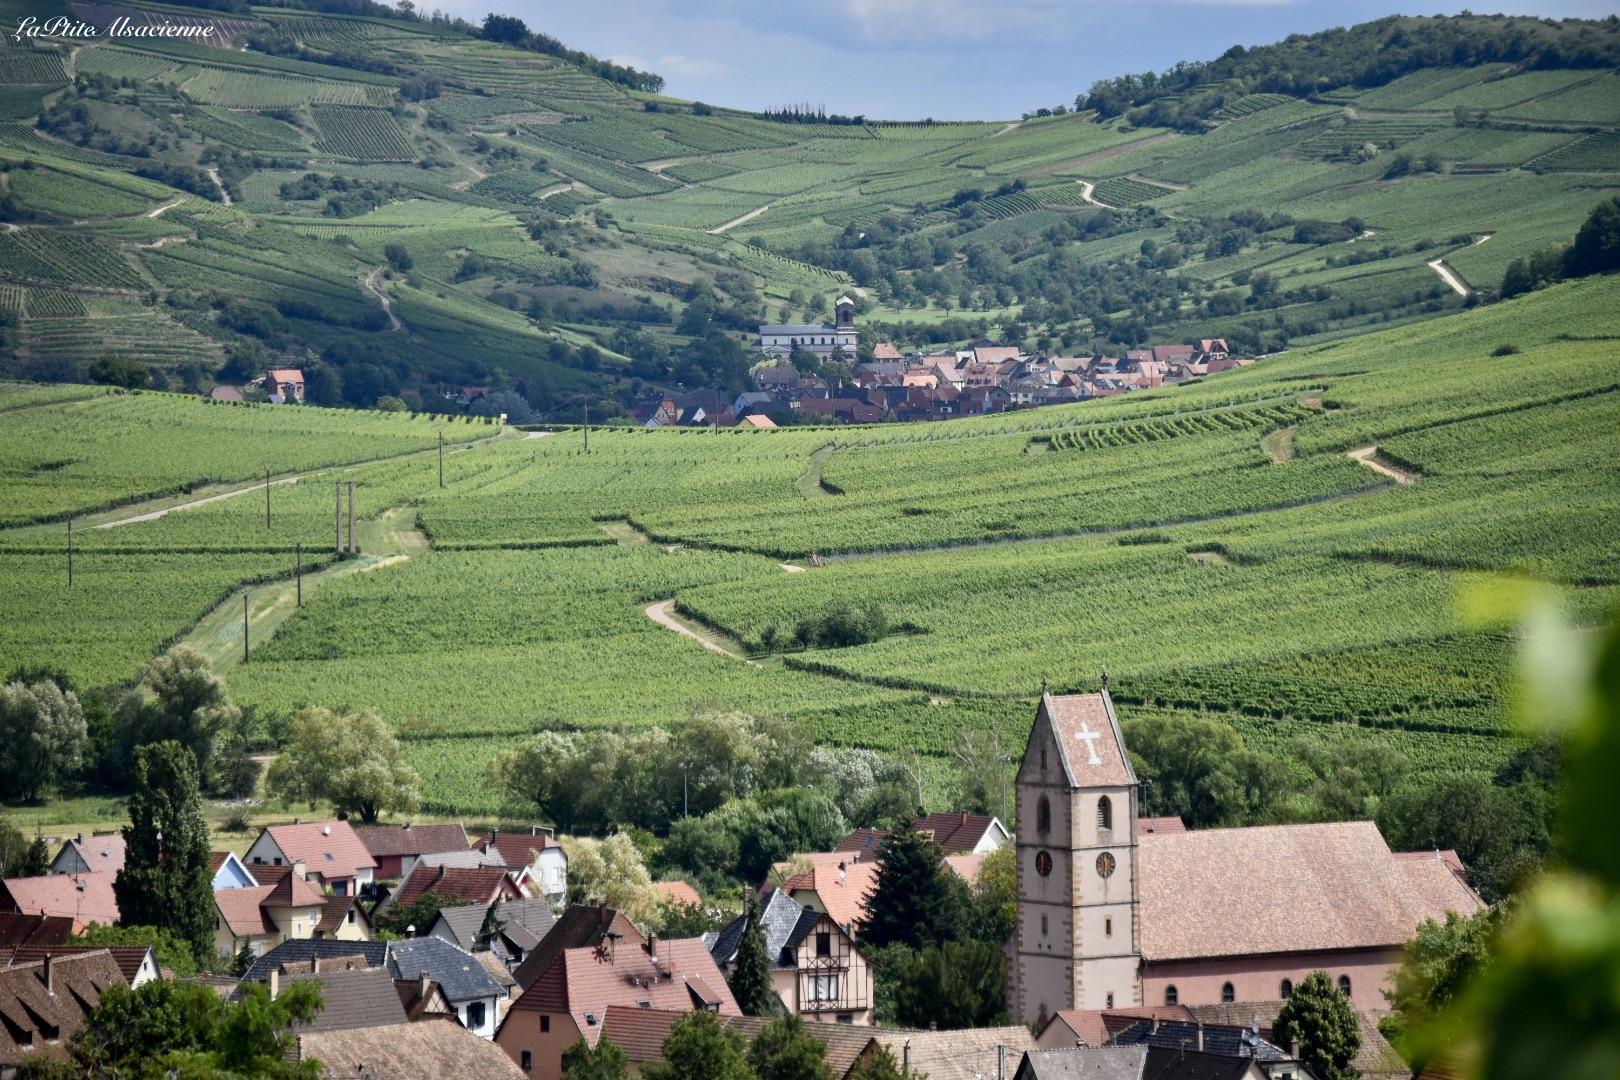 Depuis le vignoble, vue sur Orschwihr et Westhalten, 2 villages réputés pour leurs vins d'Alsace - Cendrine Miesch dite LaPtiteAlsacienne